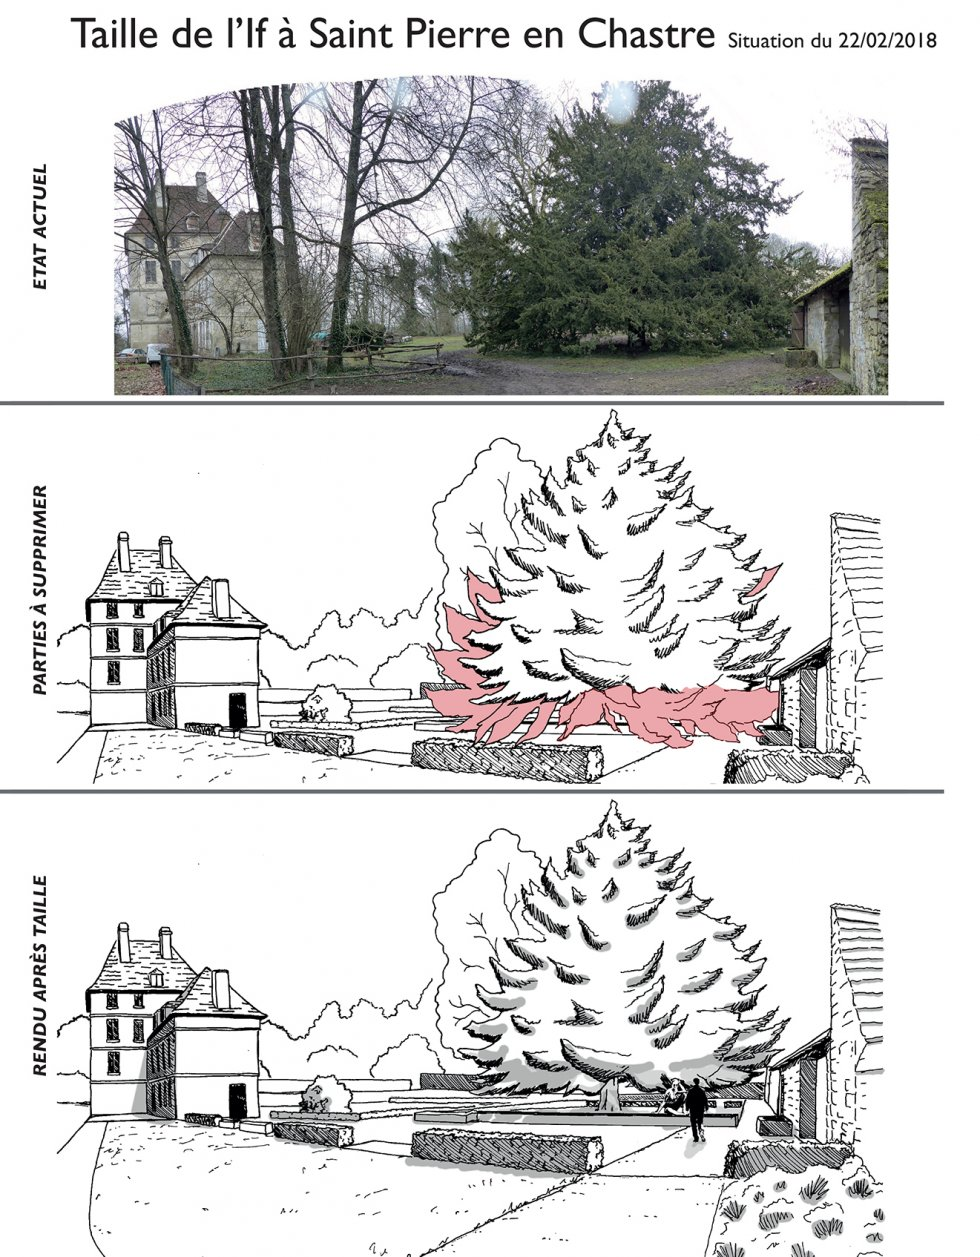 ARVAL architecture - Théâtre de verdure – Saint-Pierre-en-Chastres - 10 arval saint pierre en chastres